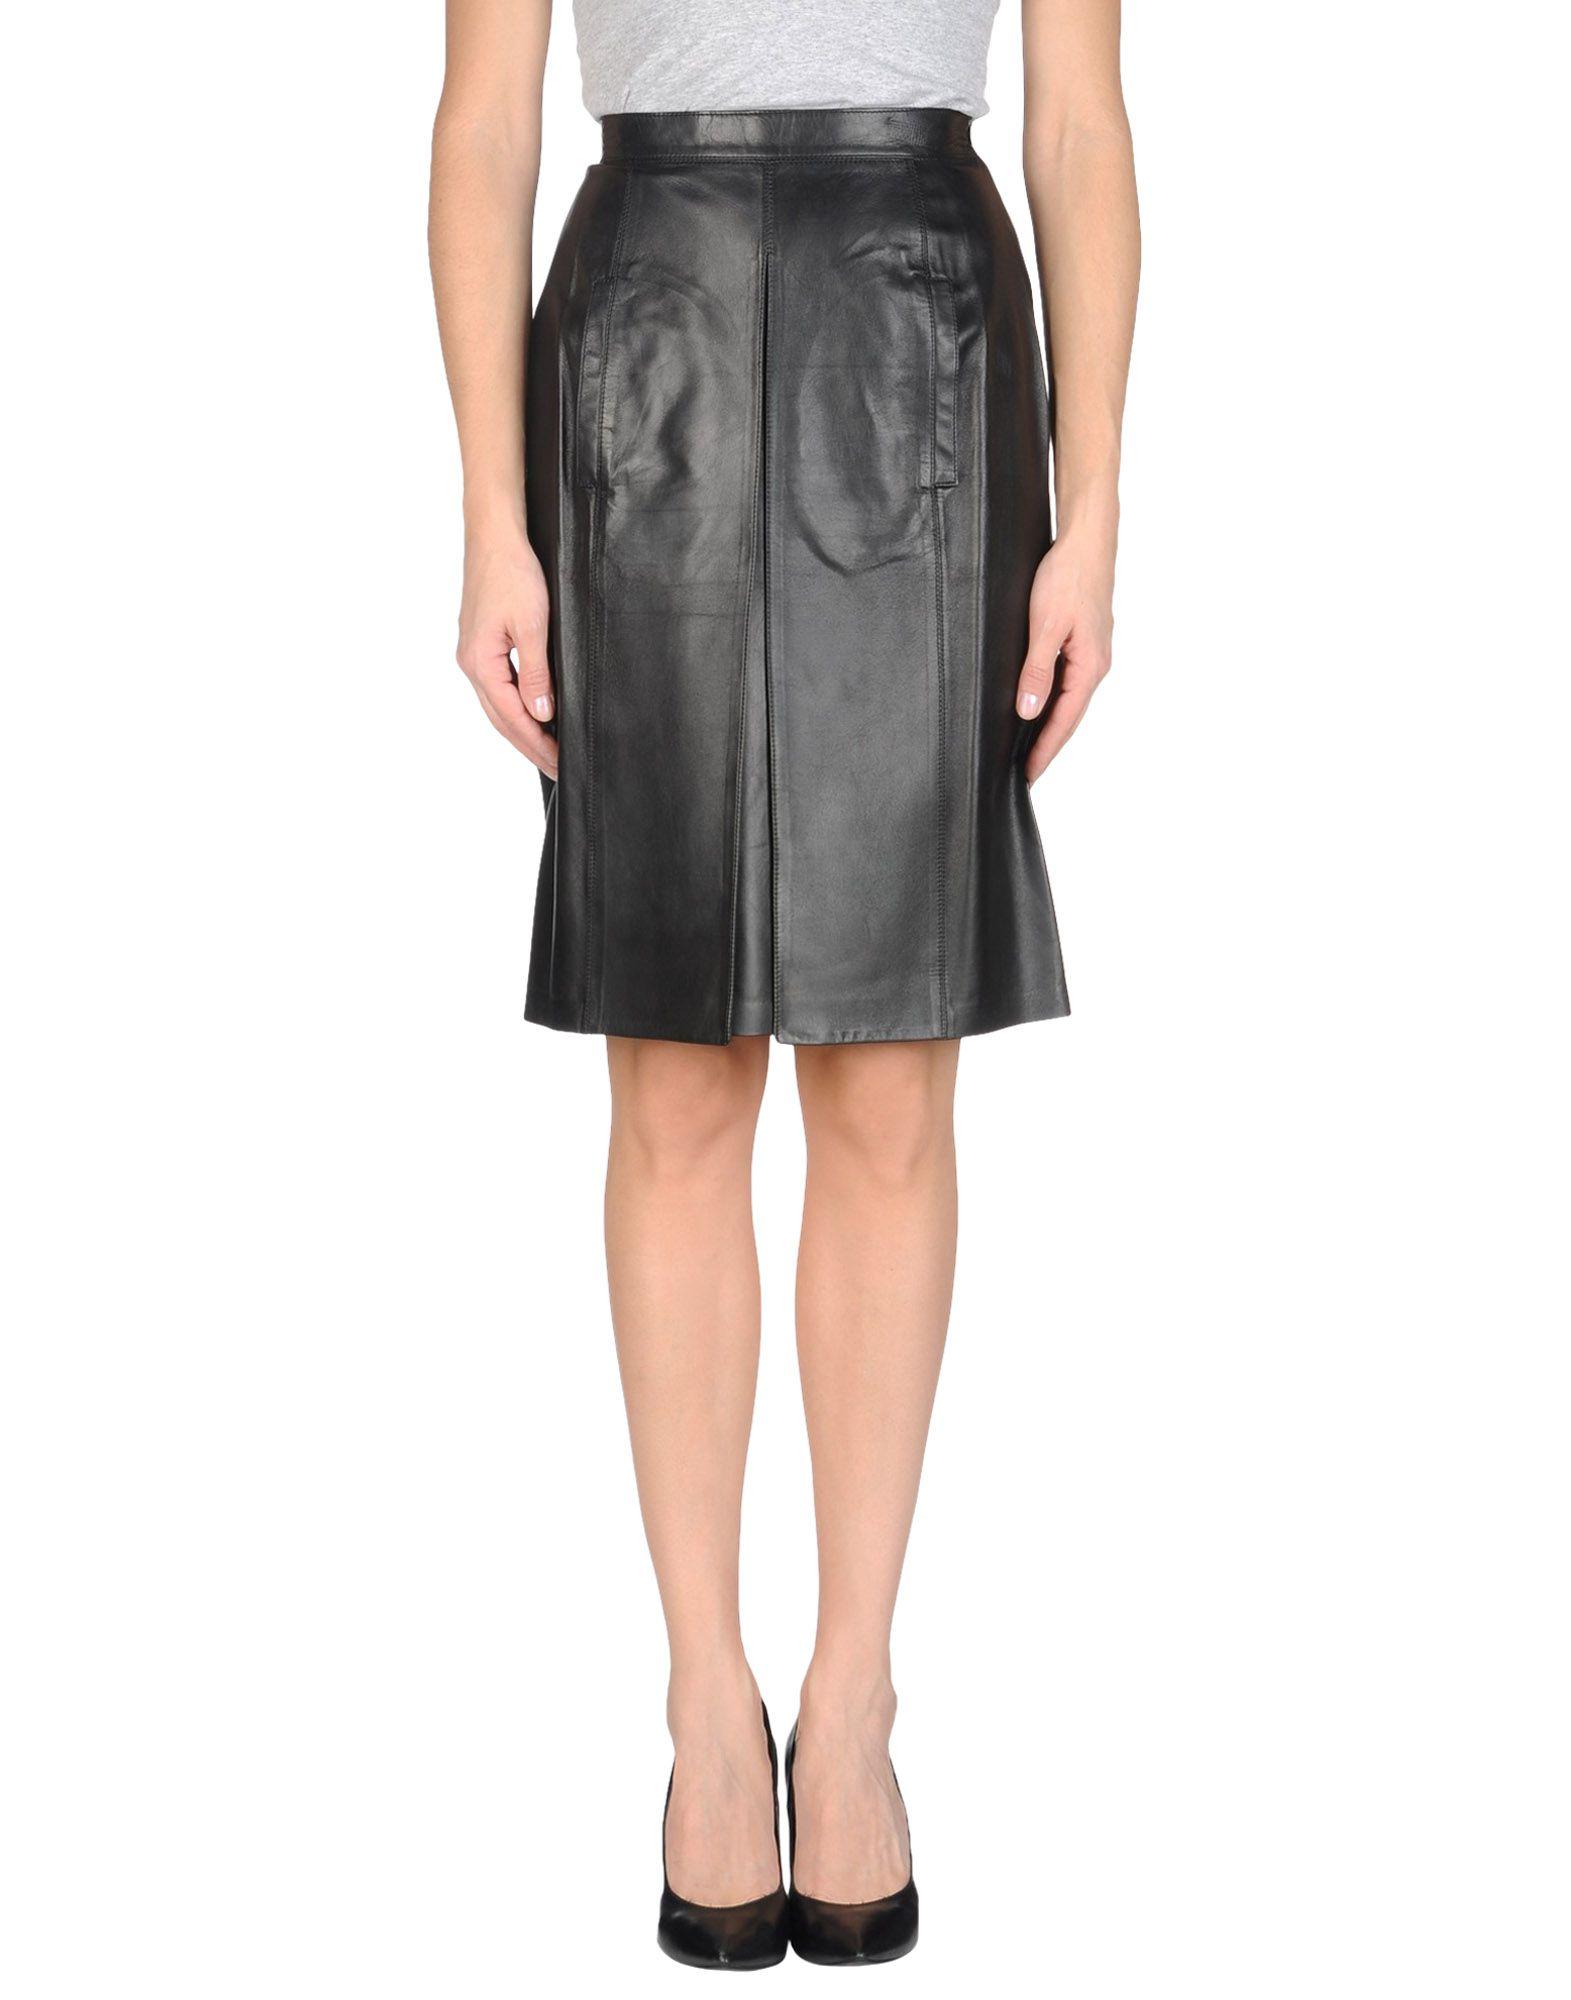 LAGERFELD Damen Lederrock Farbe Schwarz Größe 5